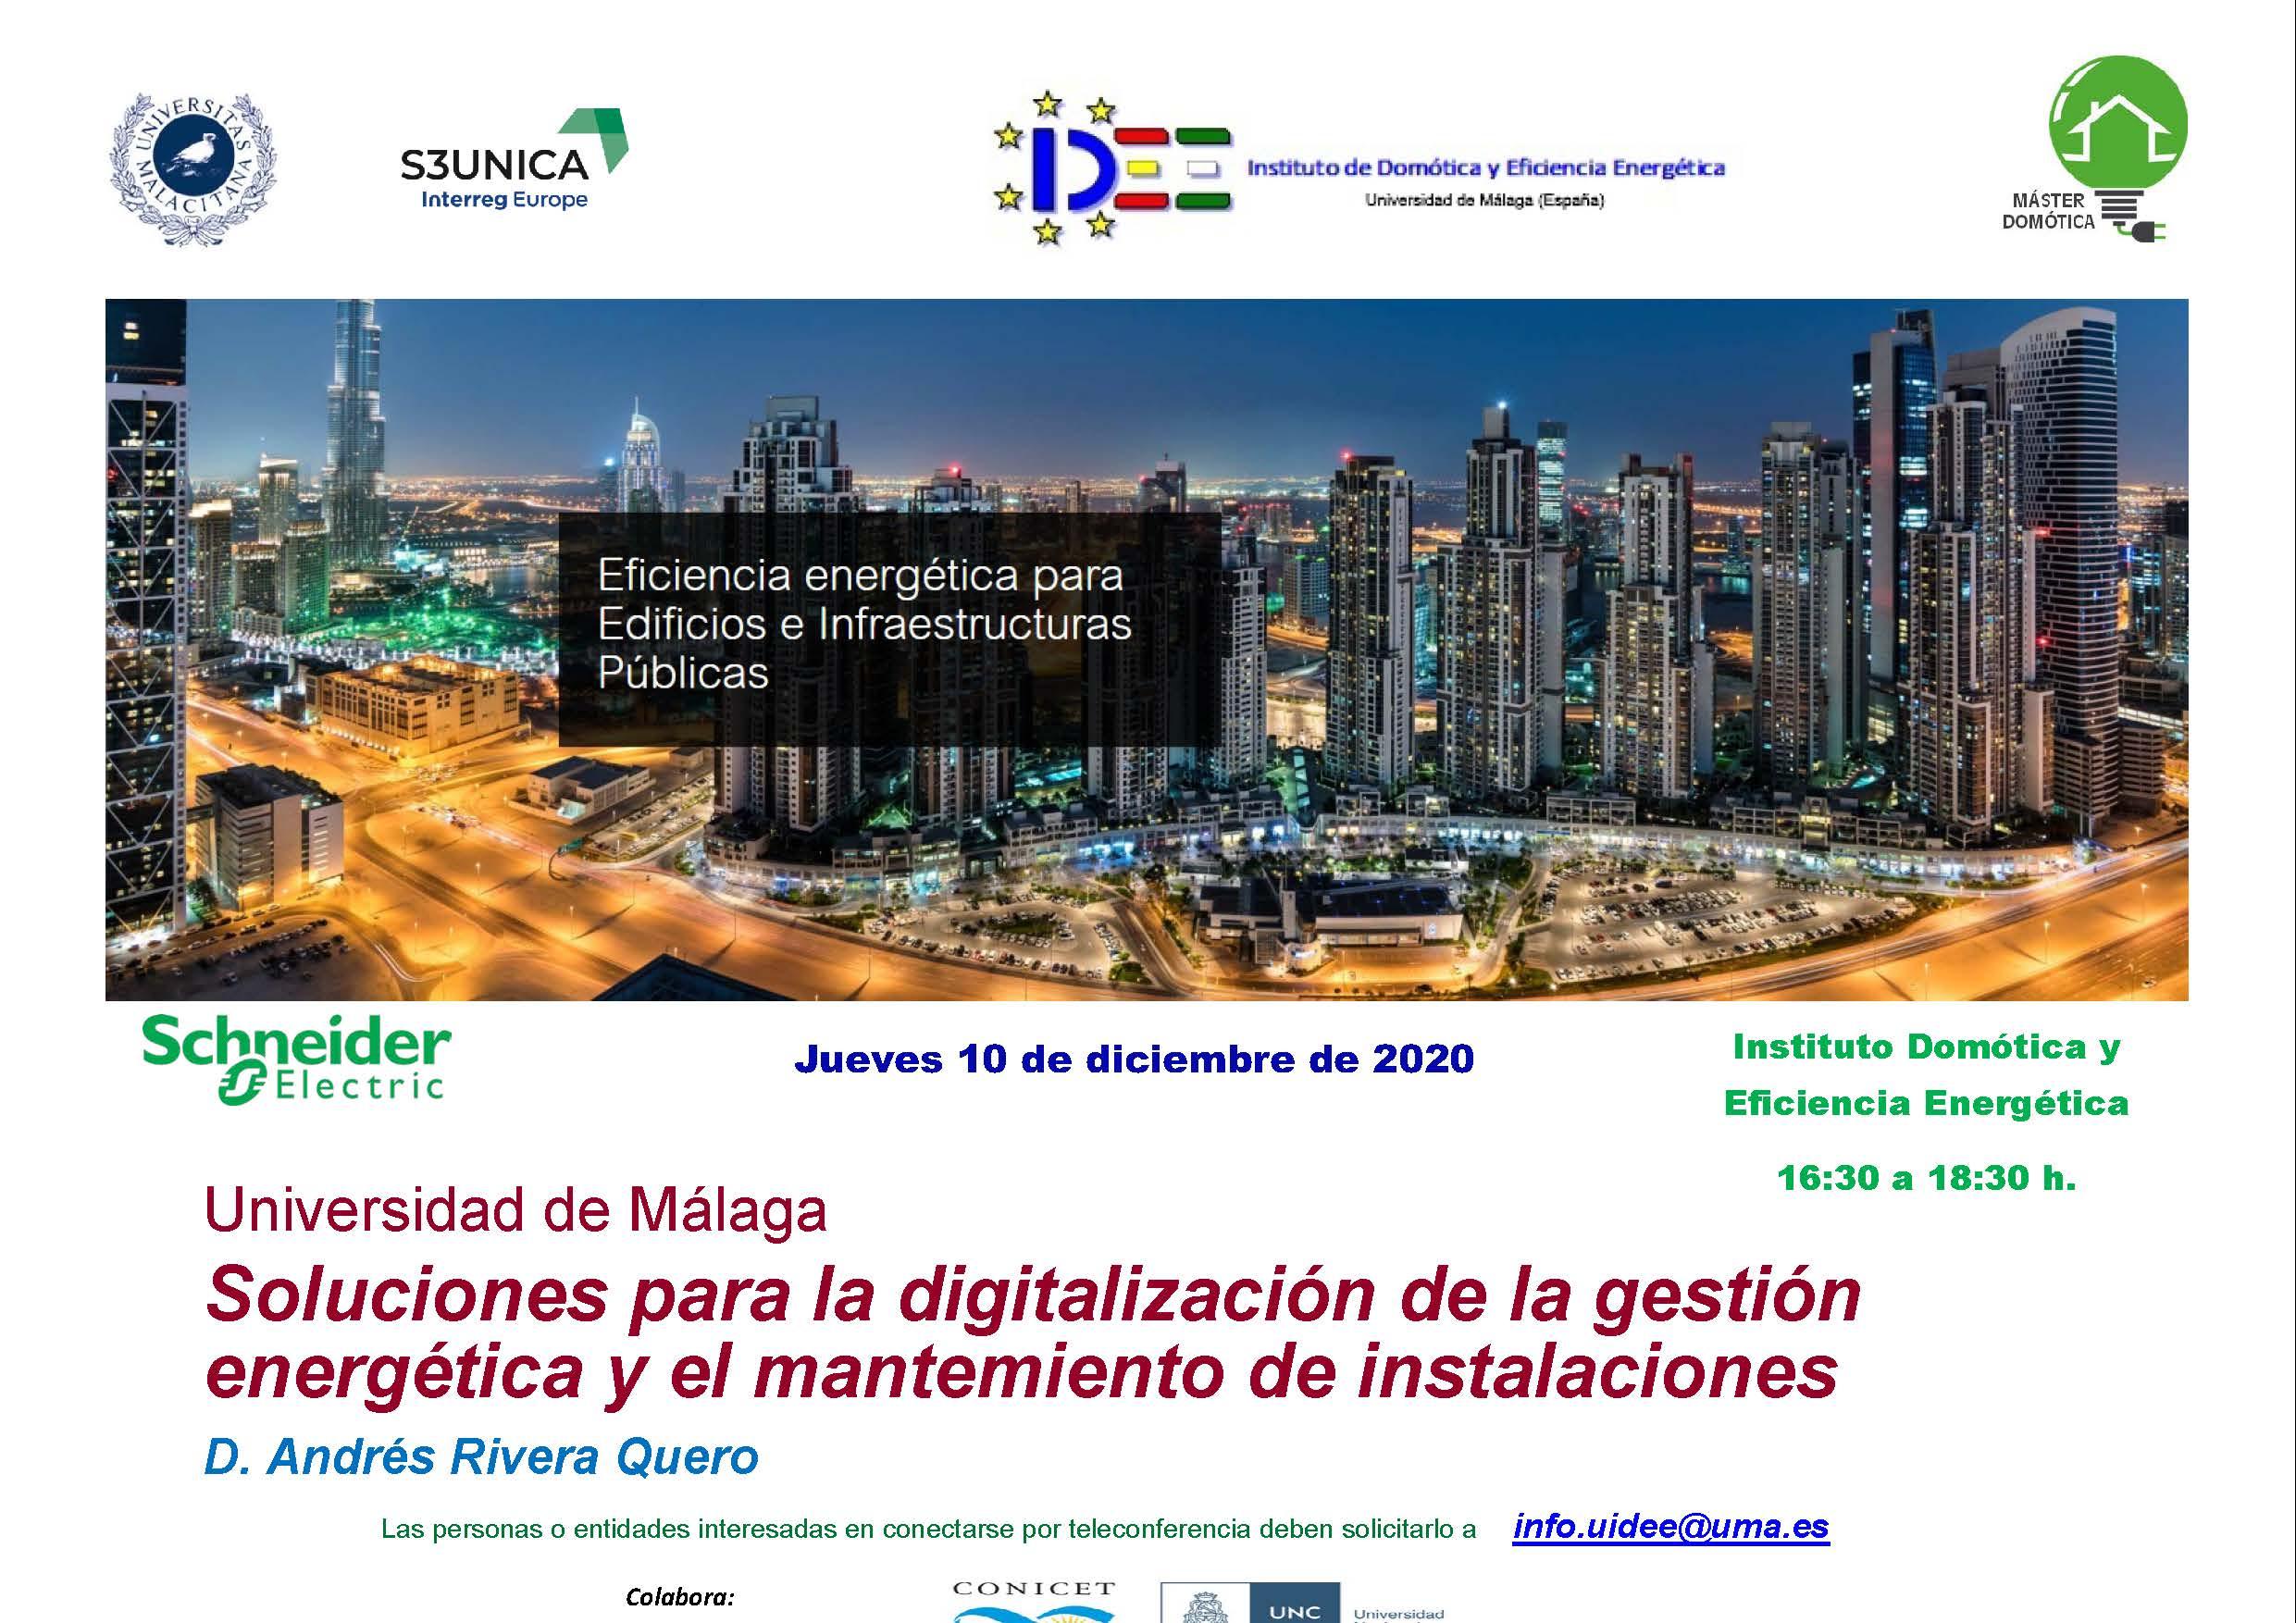 INVITACION UMA 10 DICIEMBRE 2020 Soluciones para la digitalización de la gestión energética Schneider Europa.jpg